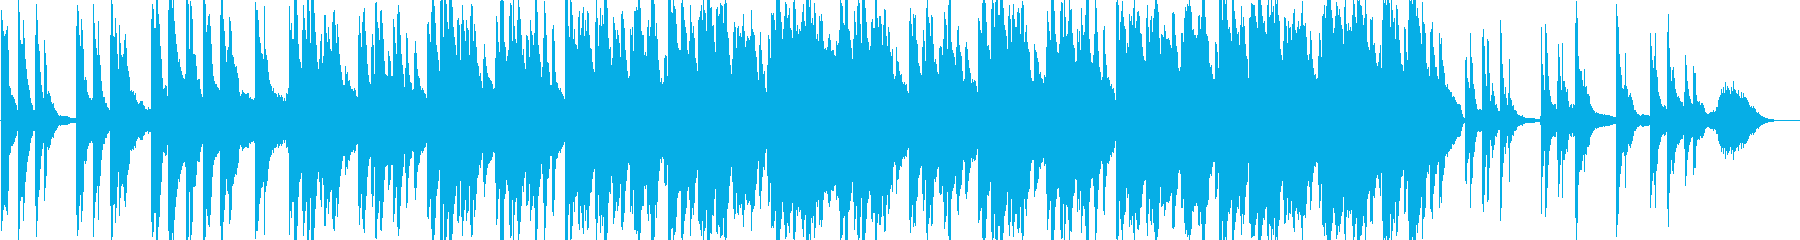 感動的なバラードのピアノ曲の再生済みの波形